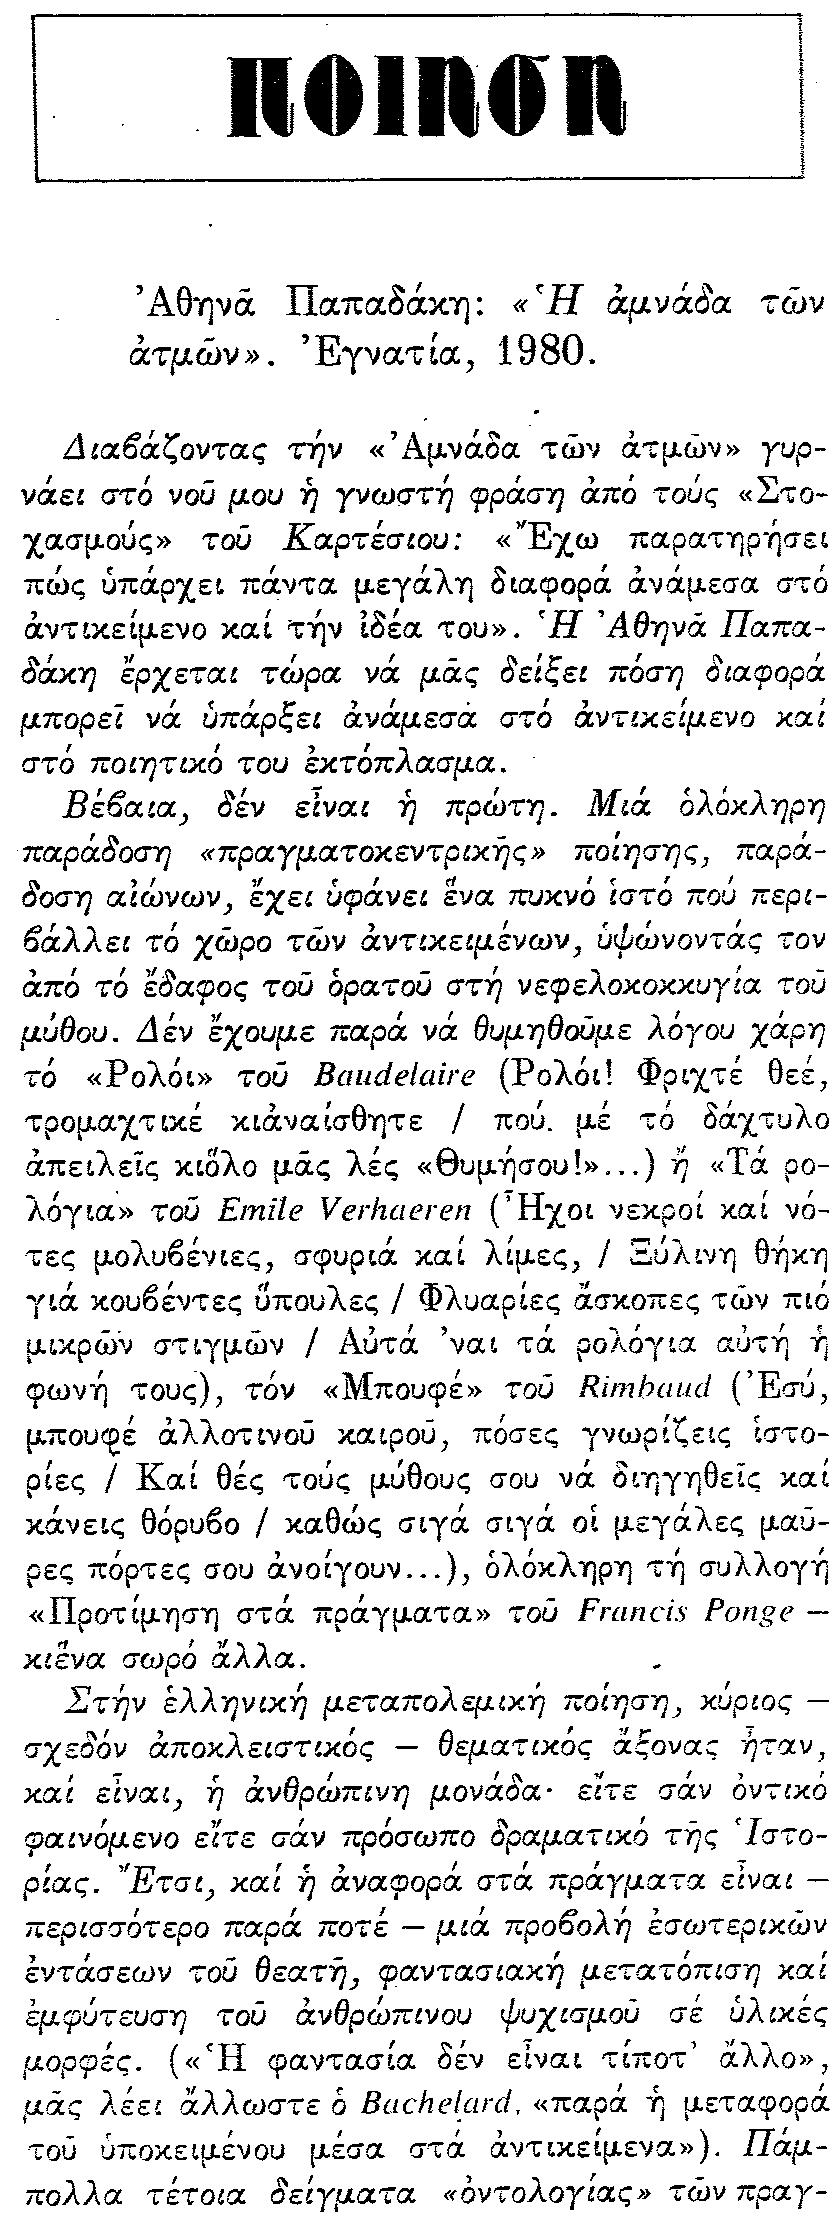 ΑΝΤΩΝΗΣ ΦΩΣΤΙΕΡΗΣ, ΑΜΝΑΔΑ ΤΩΝ ΑΤΜΩΝ_1